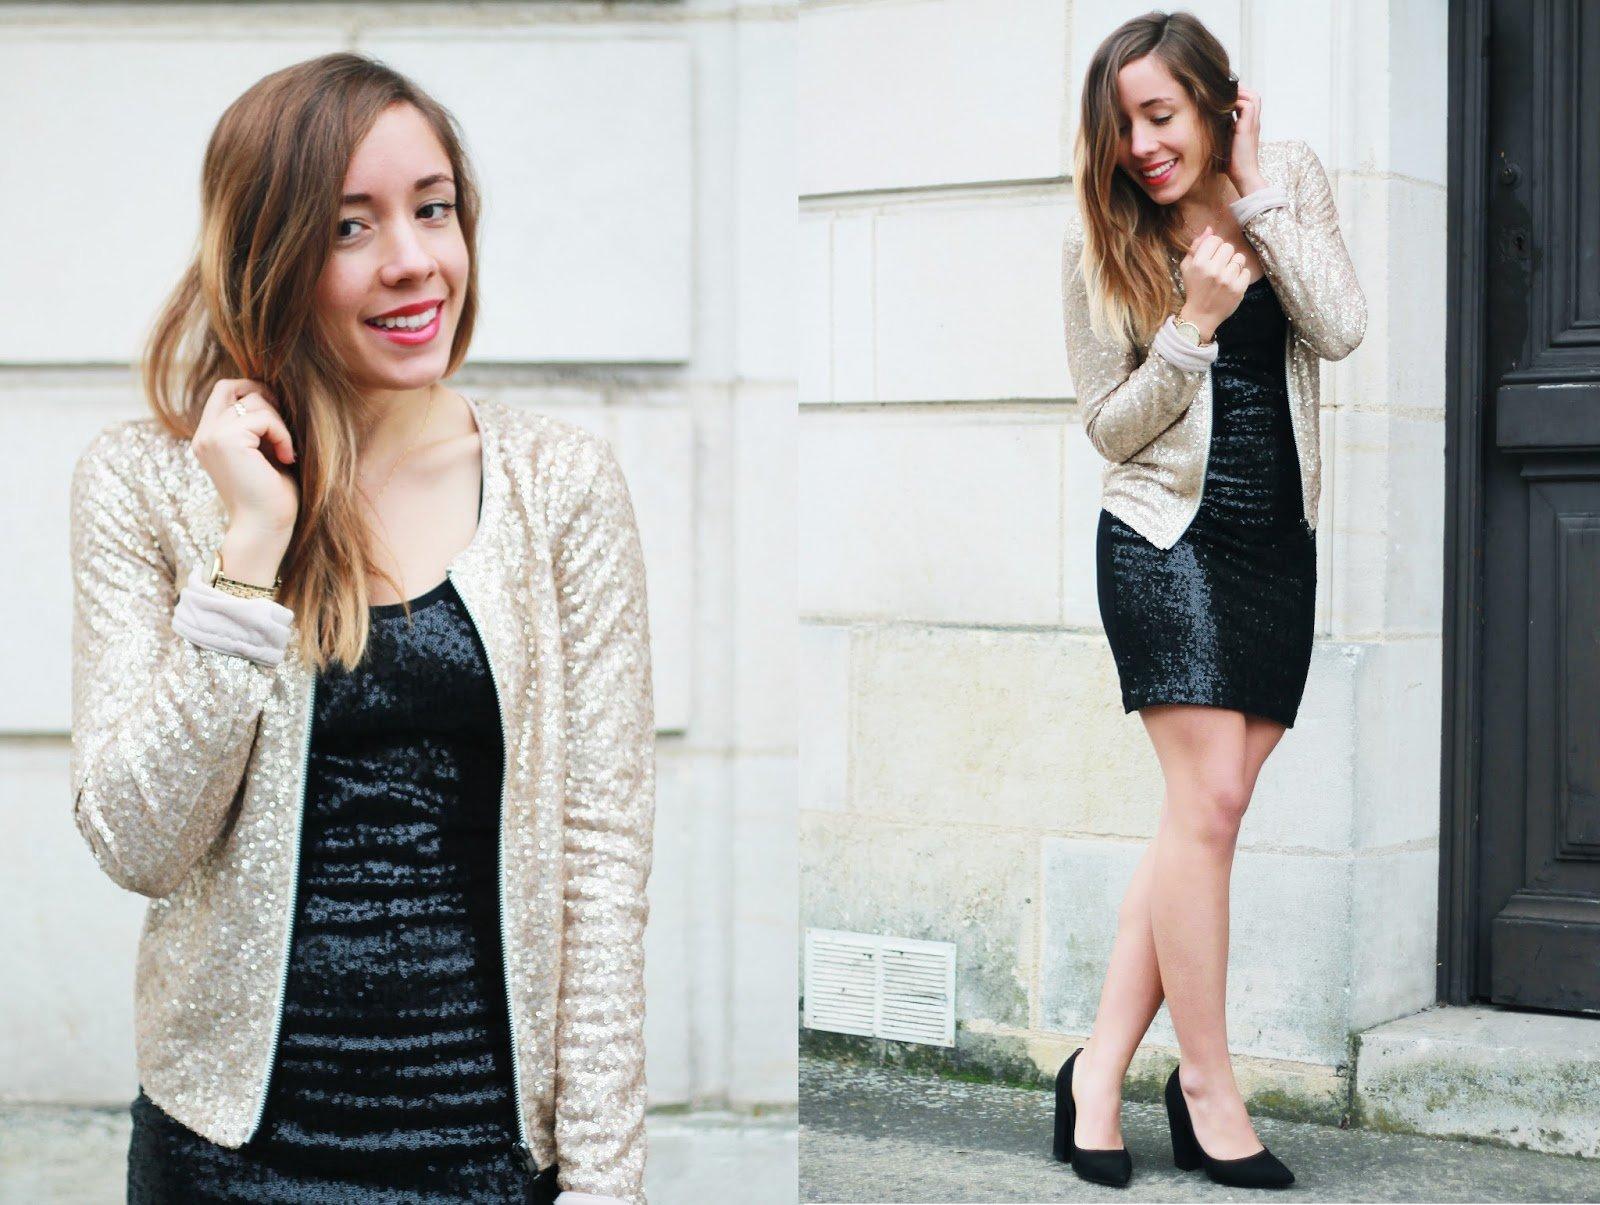 Tenue de réveillon  7 avec 1P10S - Blog mode - La Penderie de Chloe ca87a54b535c